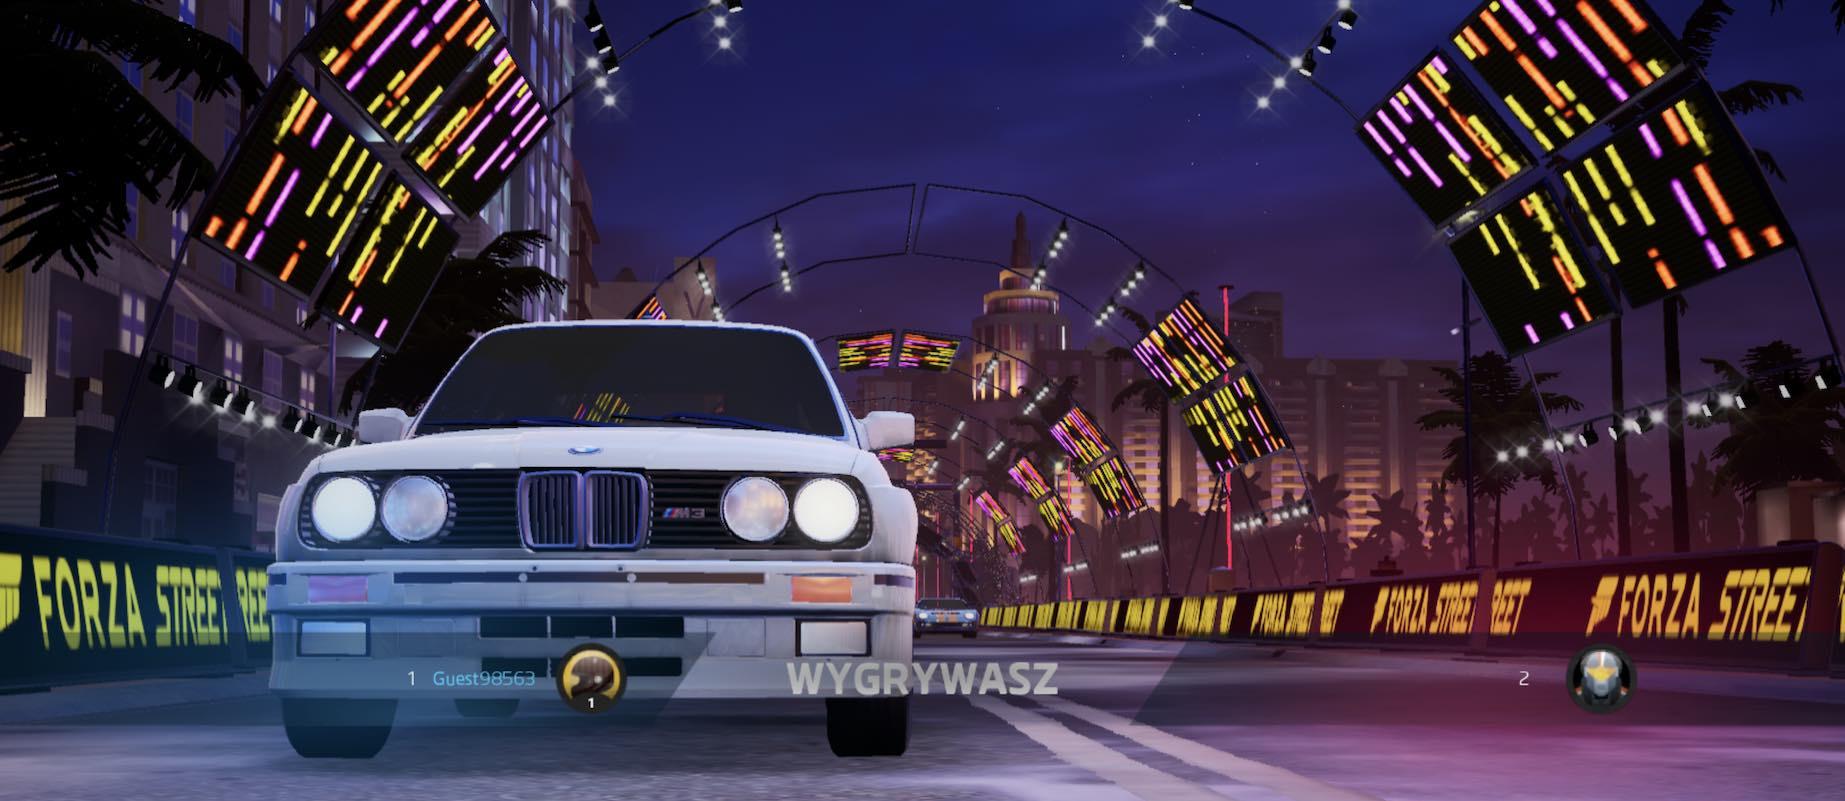 Aspertzeagatik hil nintzen BMW E30 M3-ren gurpilean.  Forza kalean horrelako inpresioak eman zizkidan